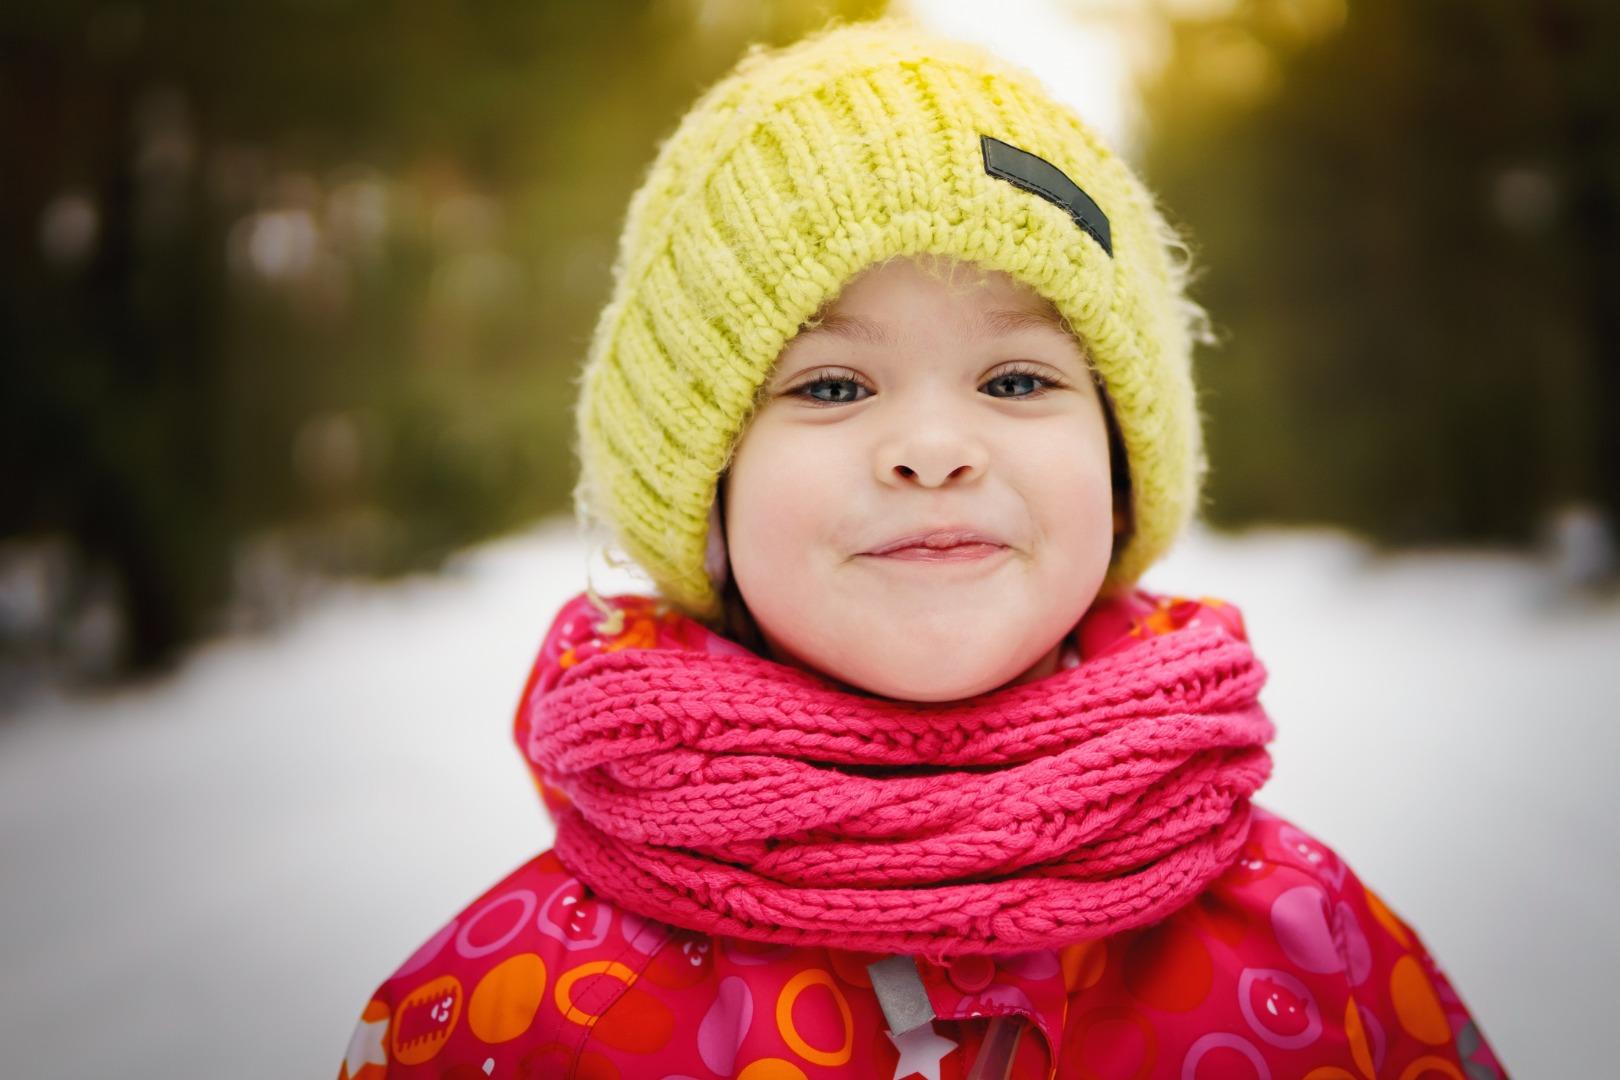 Зимний комбинезон для ребенка: как выбрать?